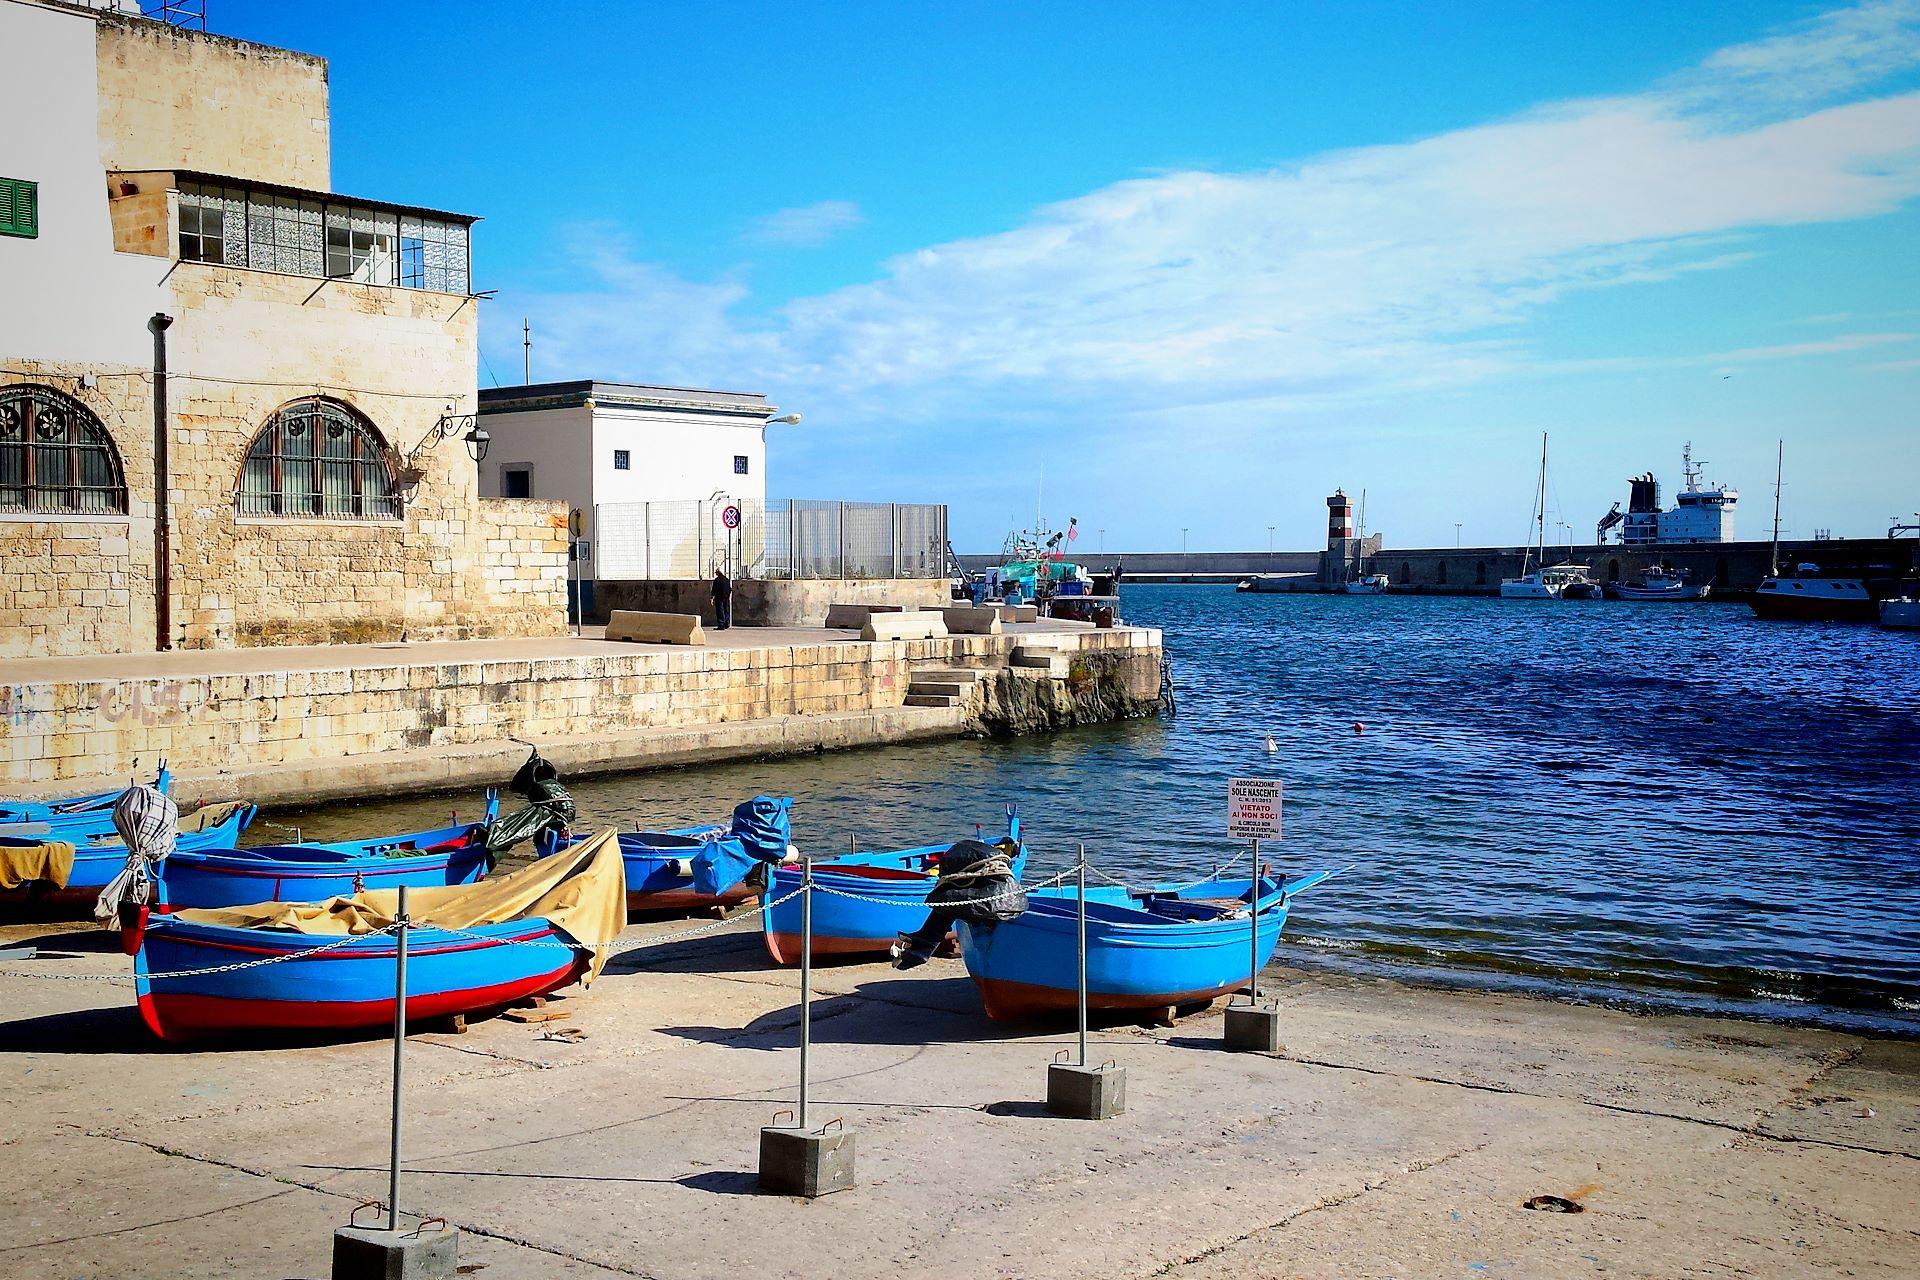 apulia-slow-travel-monopoli-meer-adria-adriatico-adriatic-sea-boat-boot-barca-hafen-harbour-porto-puglia-apulien